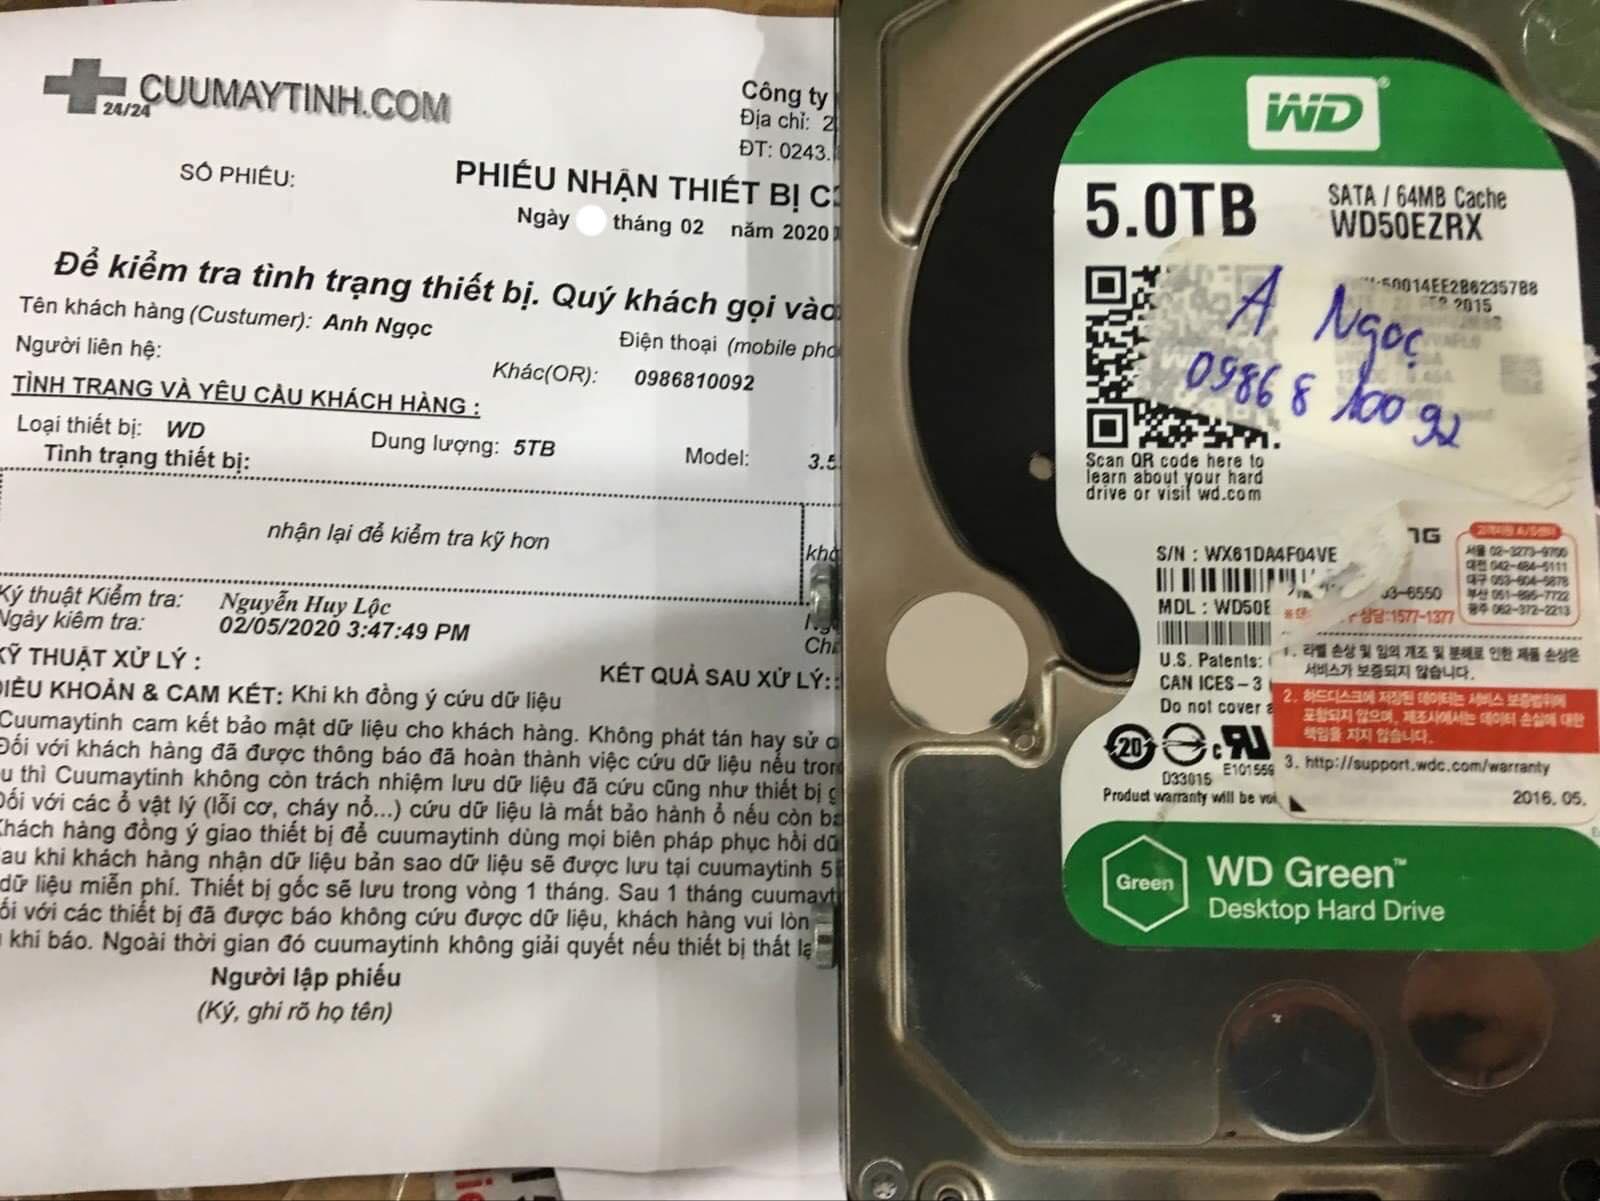 Cứu dữ liệu ổ cứng Western 5TB không nhận 11/02/2020 - cuumaytinh